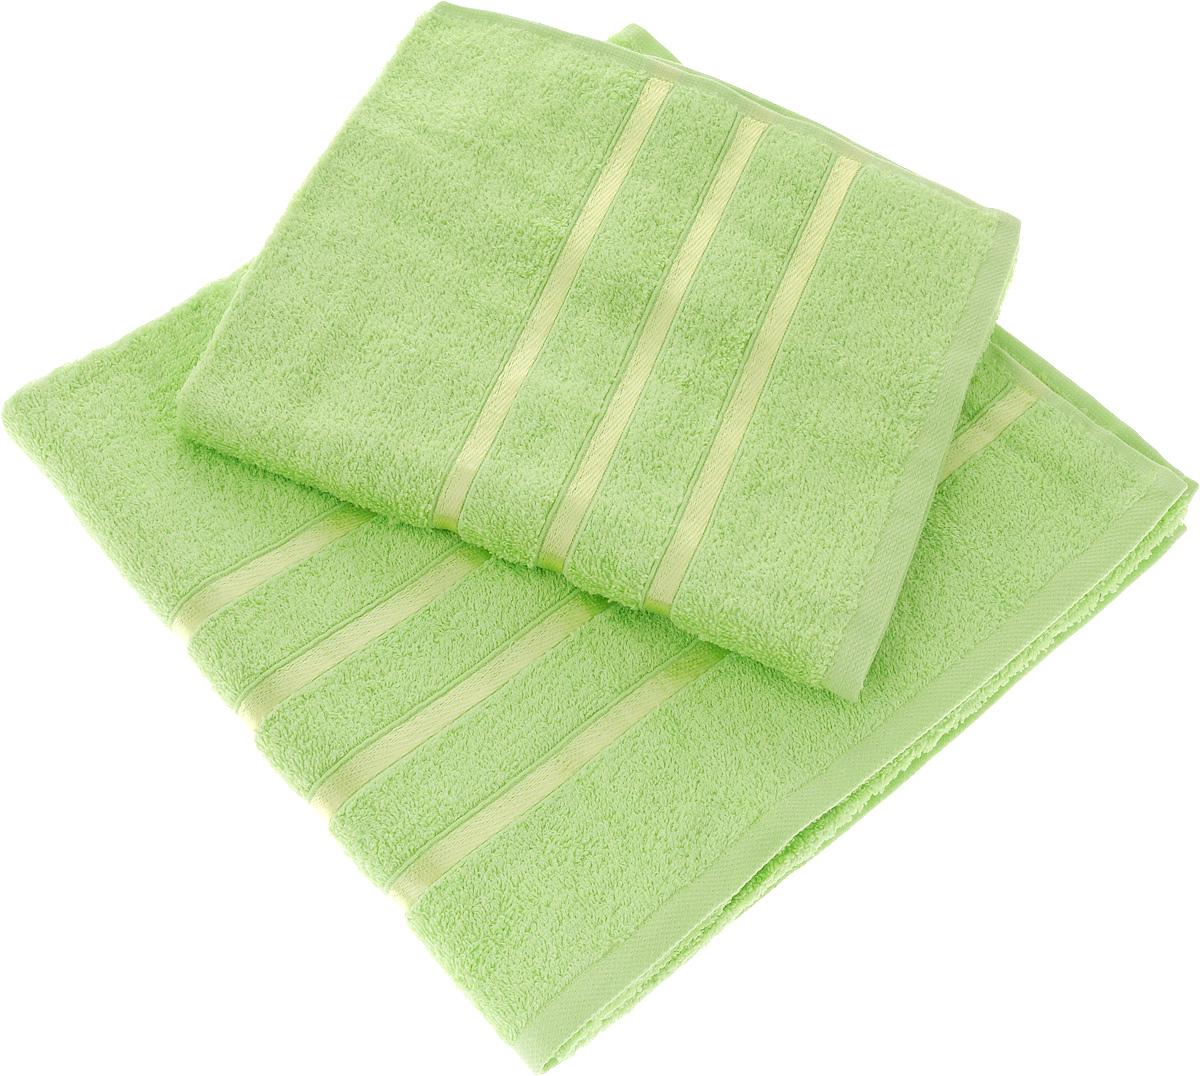 Набор полотенец Tete-a-Tete Ленты, цвет: салатовый, 2 шт. УНП-101УНП-101-07Набор Tete-a-Tete Ленты состоит из двух махровых полотенец, выполненных из натурального 100% хлопка. Бордюр полотенец декорирован лентами. Изделия мягкие, отлично впитывают влагу, быстро сохнут, сохраняют яркость цвета и не теряют форму даже после многократных стирок. Полотенца Tete-a-Tete Ленты очень практичны и неприхотливы в уходе. Они легко впишутся в любой интерьер благодаря своей яркой цветовой гамме.